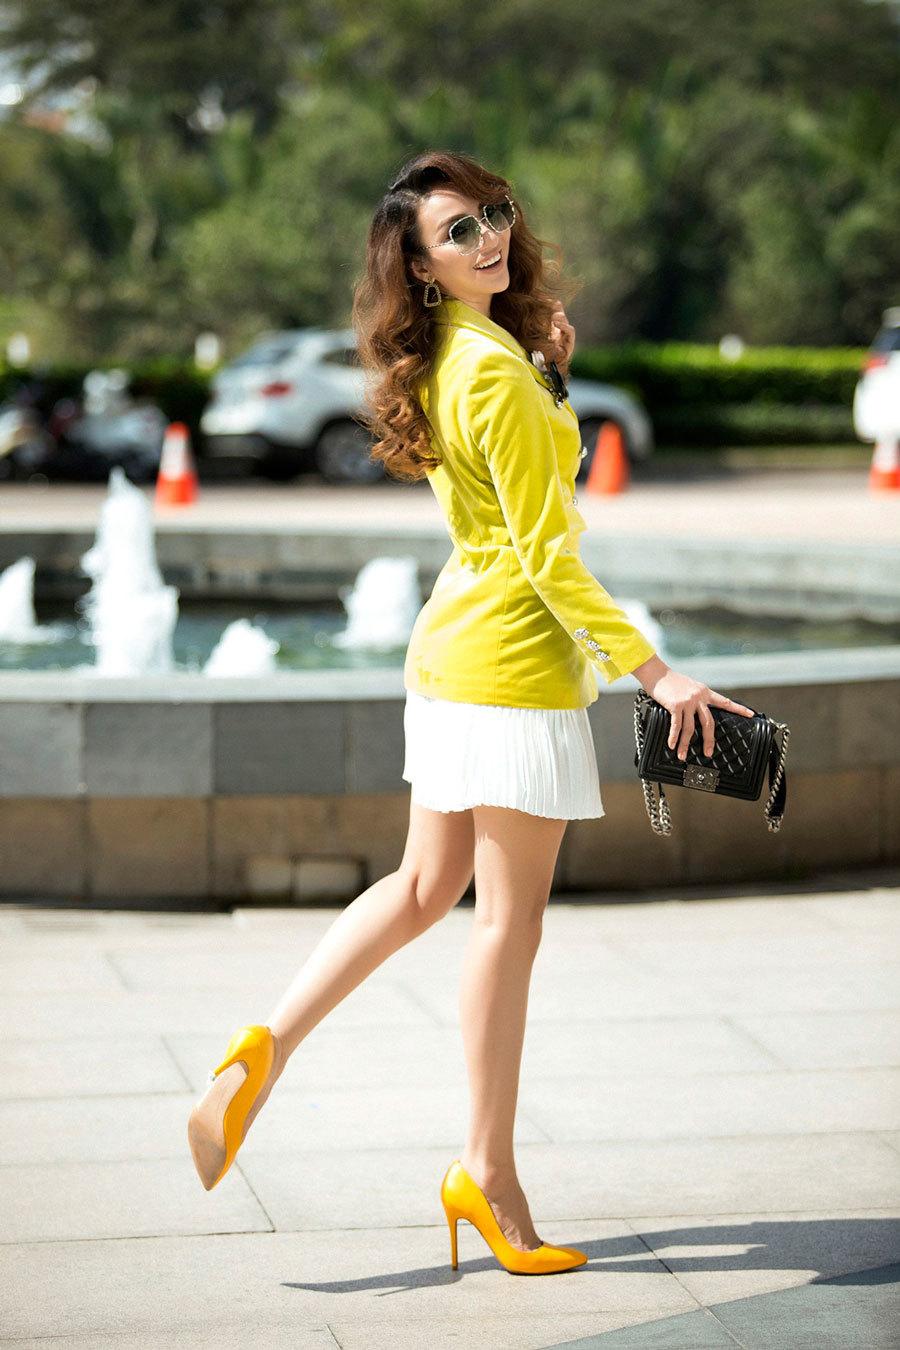 Hoa hậu Ngọc Diễm hoá quý cô thị thành sành điệu xuống phố